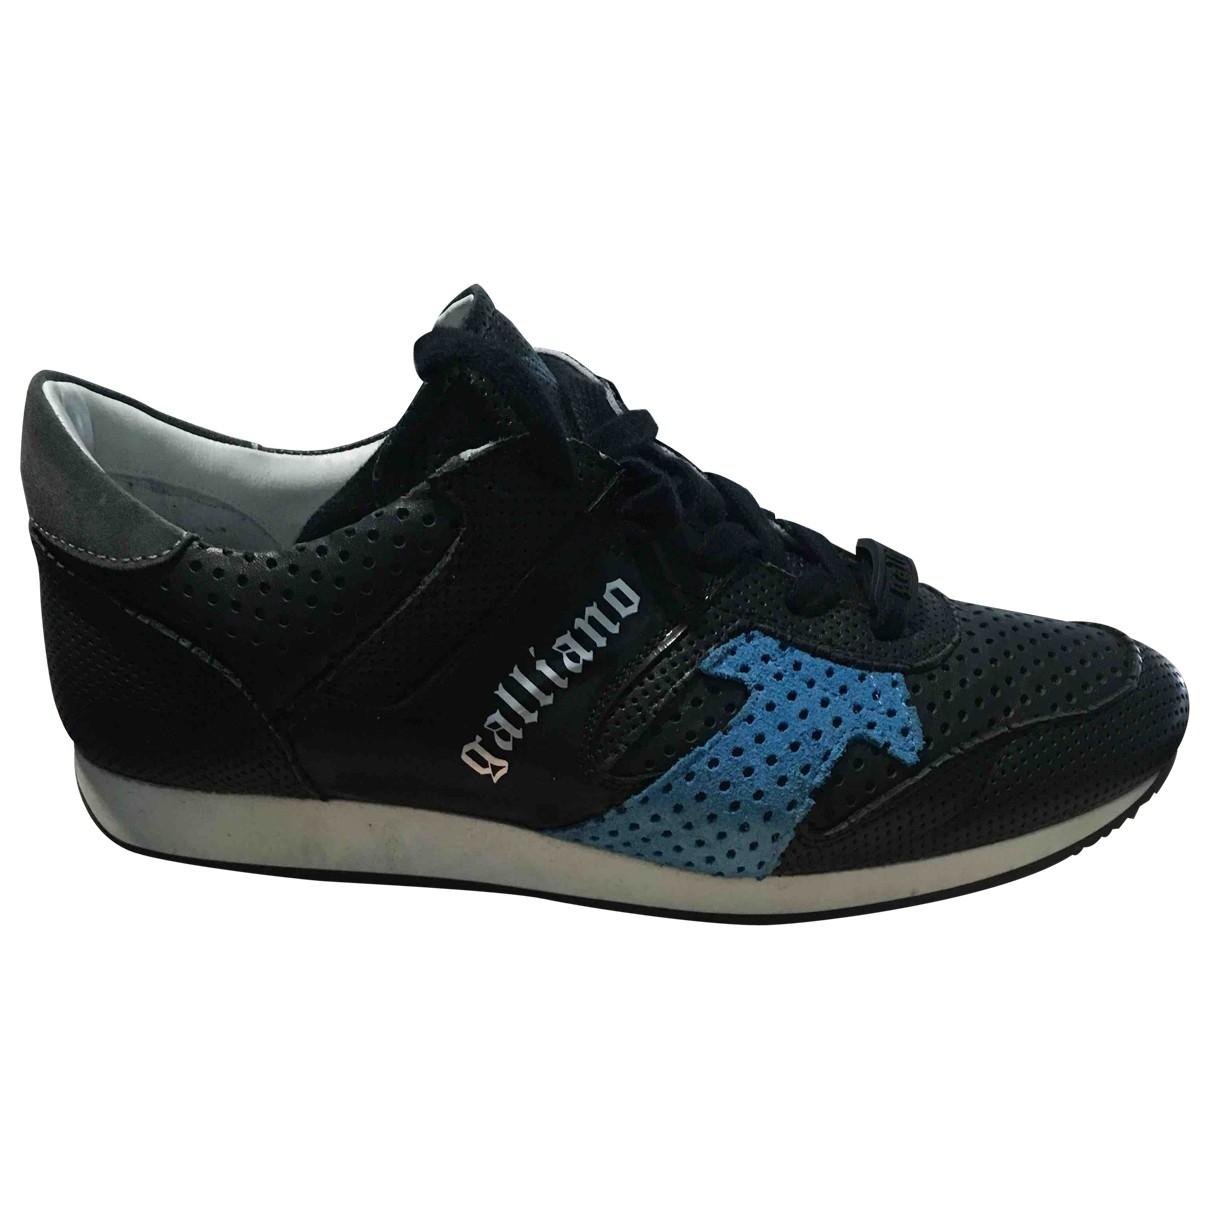 John Galliano - Baskets   pour homme en cuir - noir